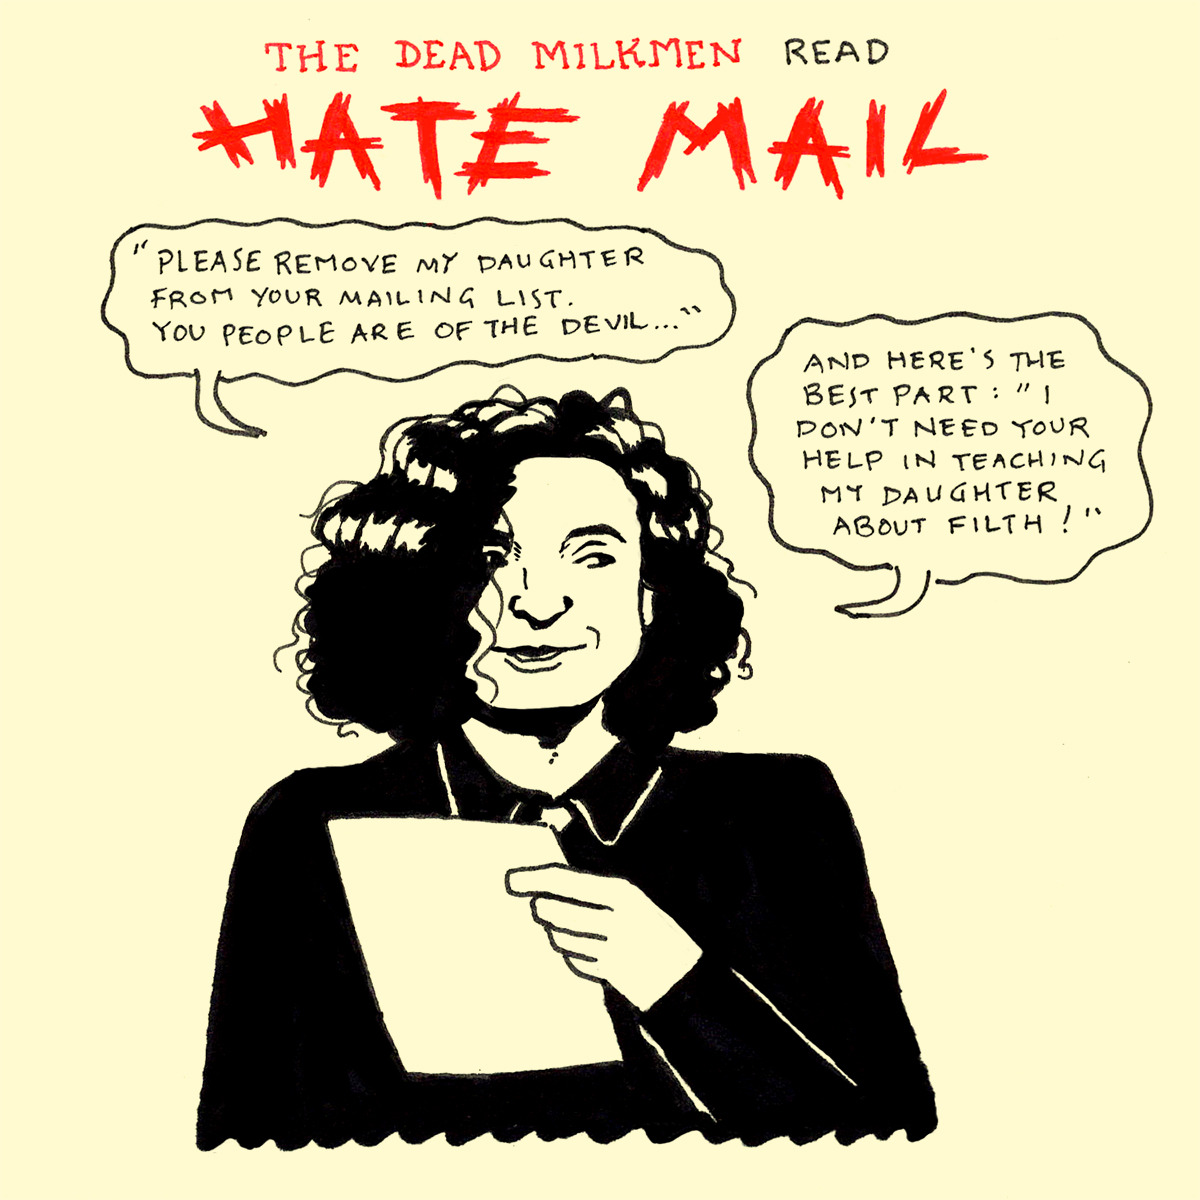 the bestest dead milkmen blog ever